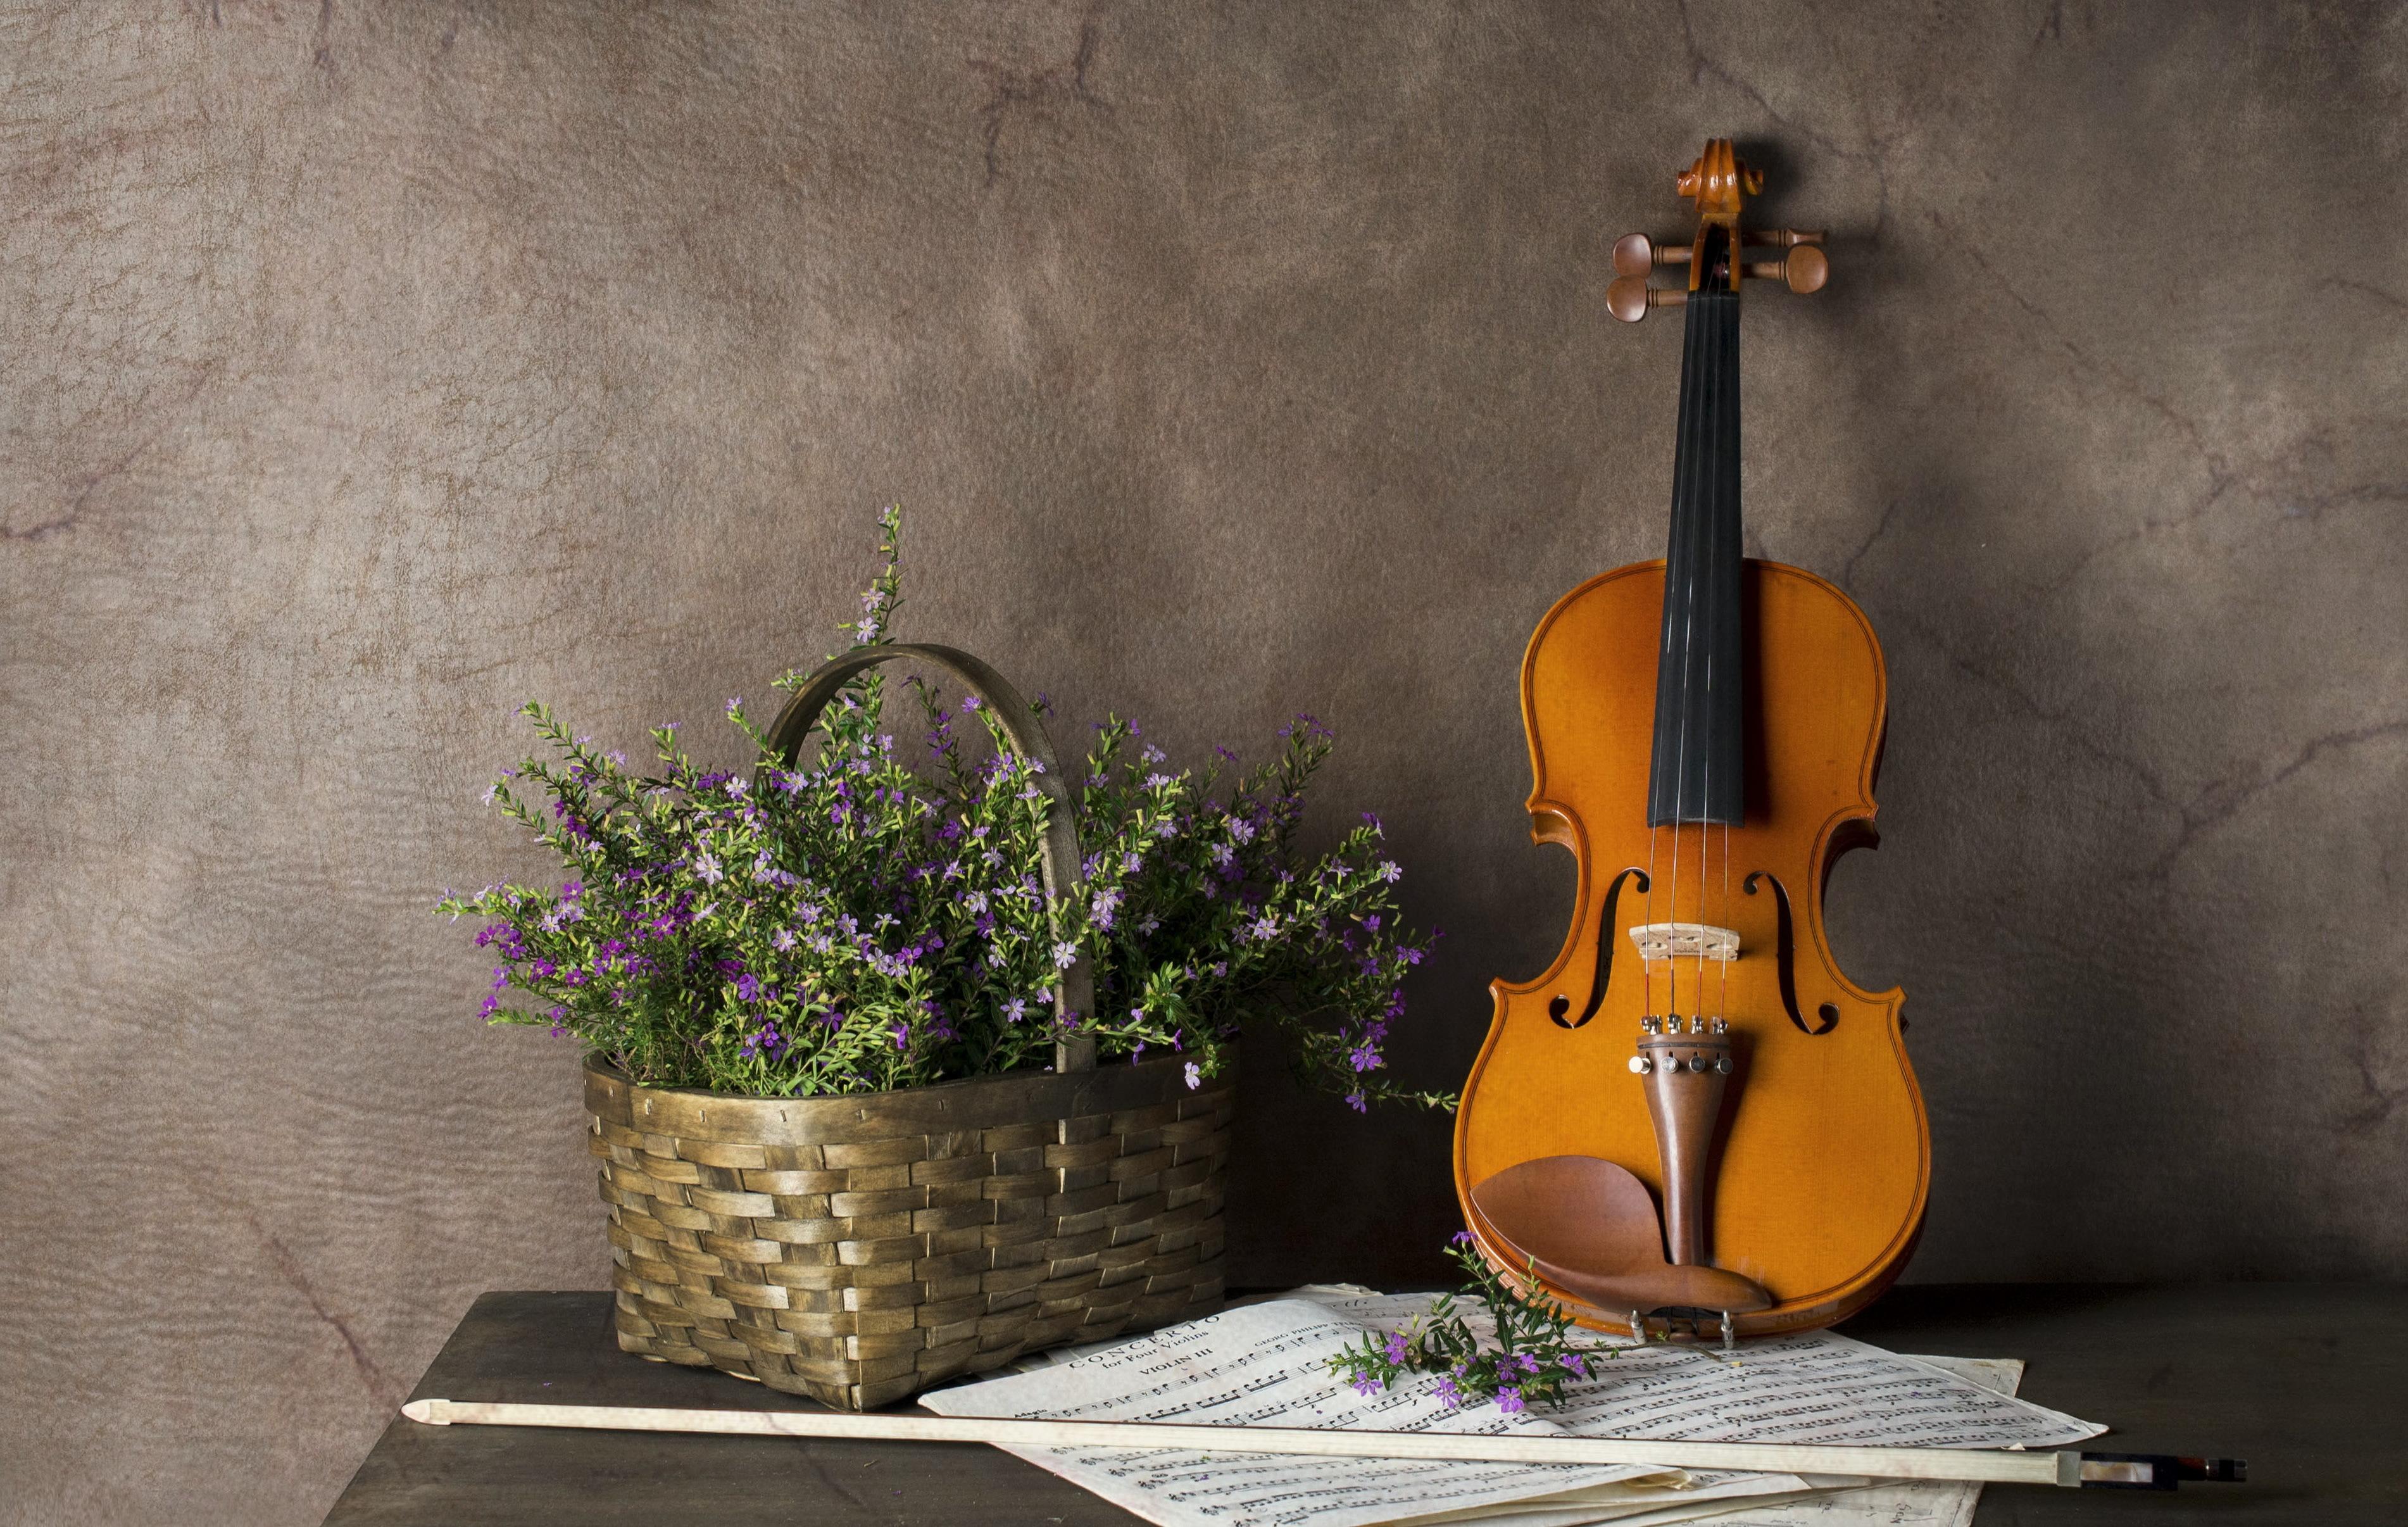 скрипка, ноты, торт  № 1908245 без смс